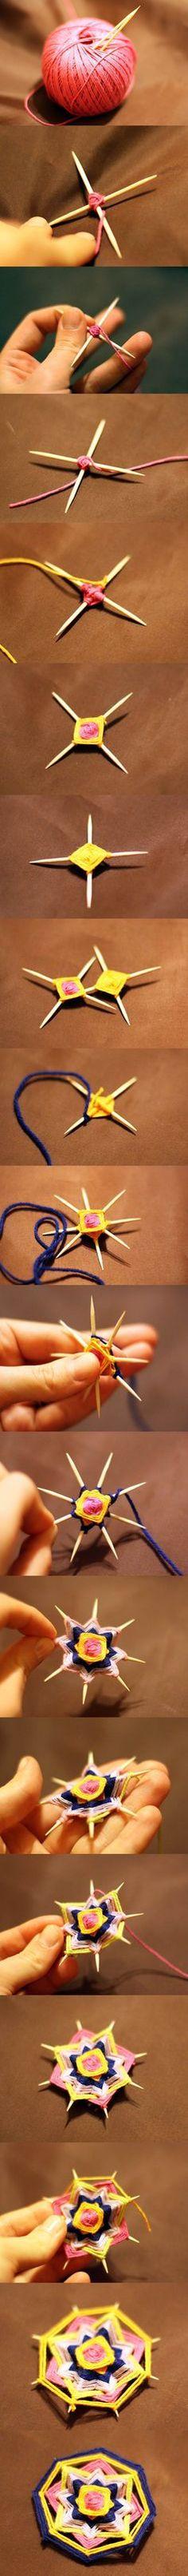 棒と糸でカワイイモチーフを作ろう!巻きつけるだけなのに奥が深いよ! | CRASIA(クラシア)